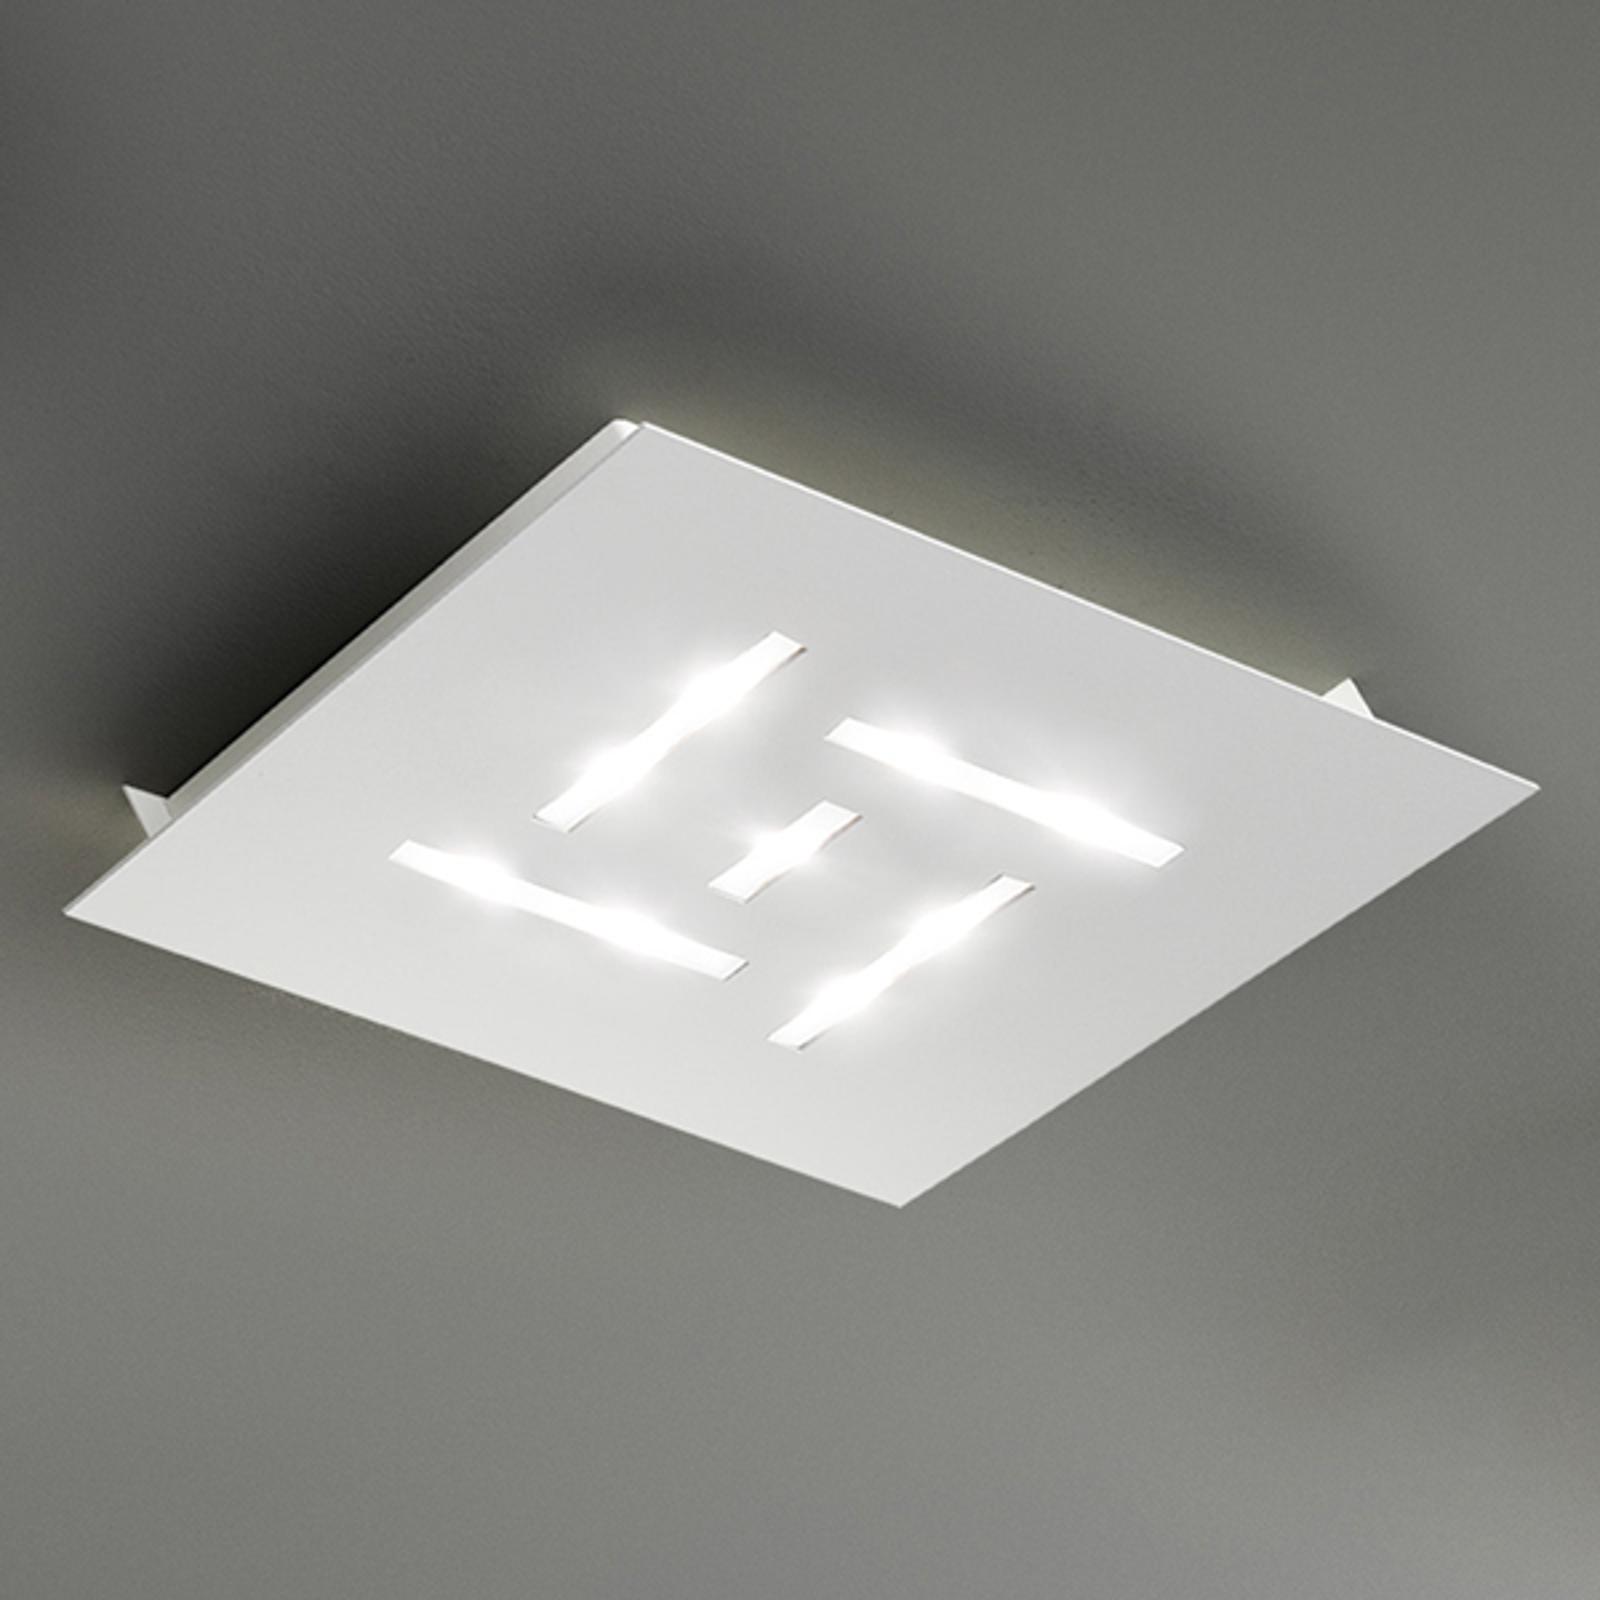 Ultraflat LED-taklampe Pattern, hvit